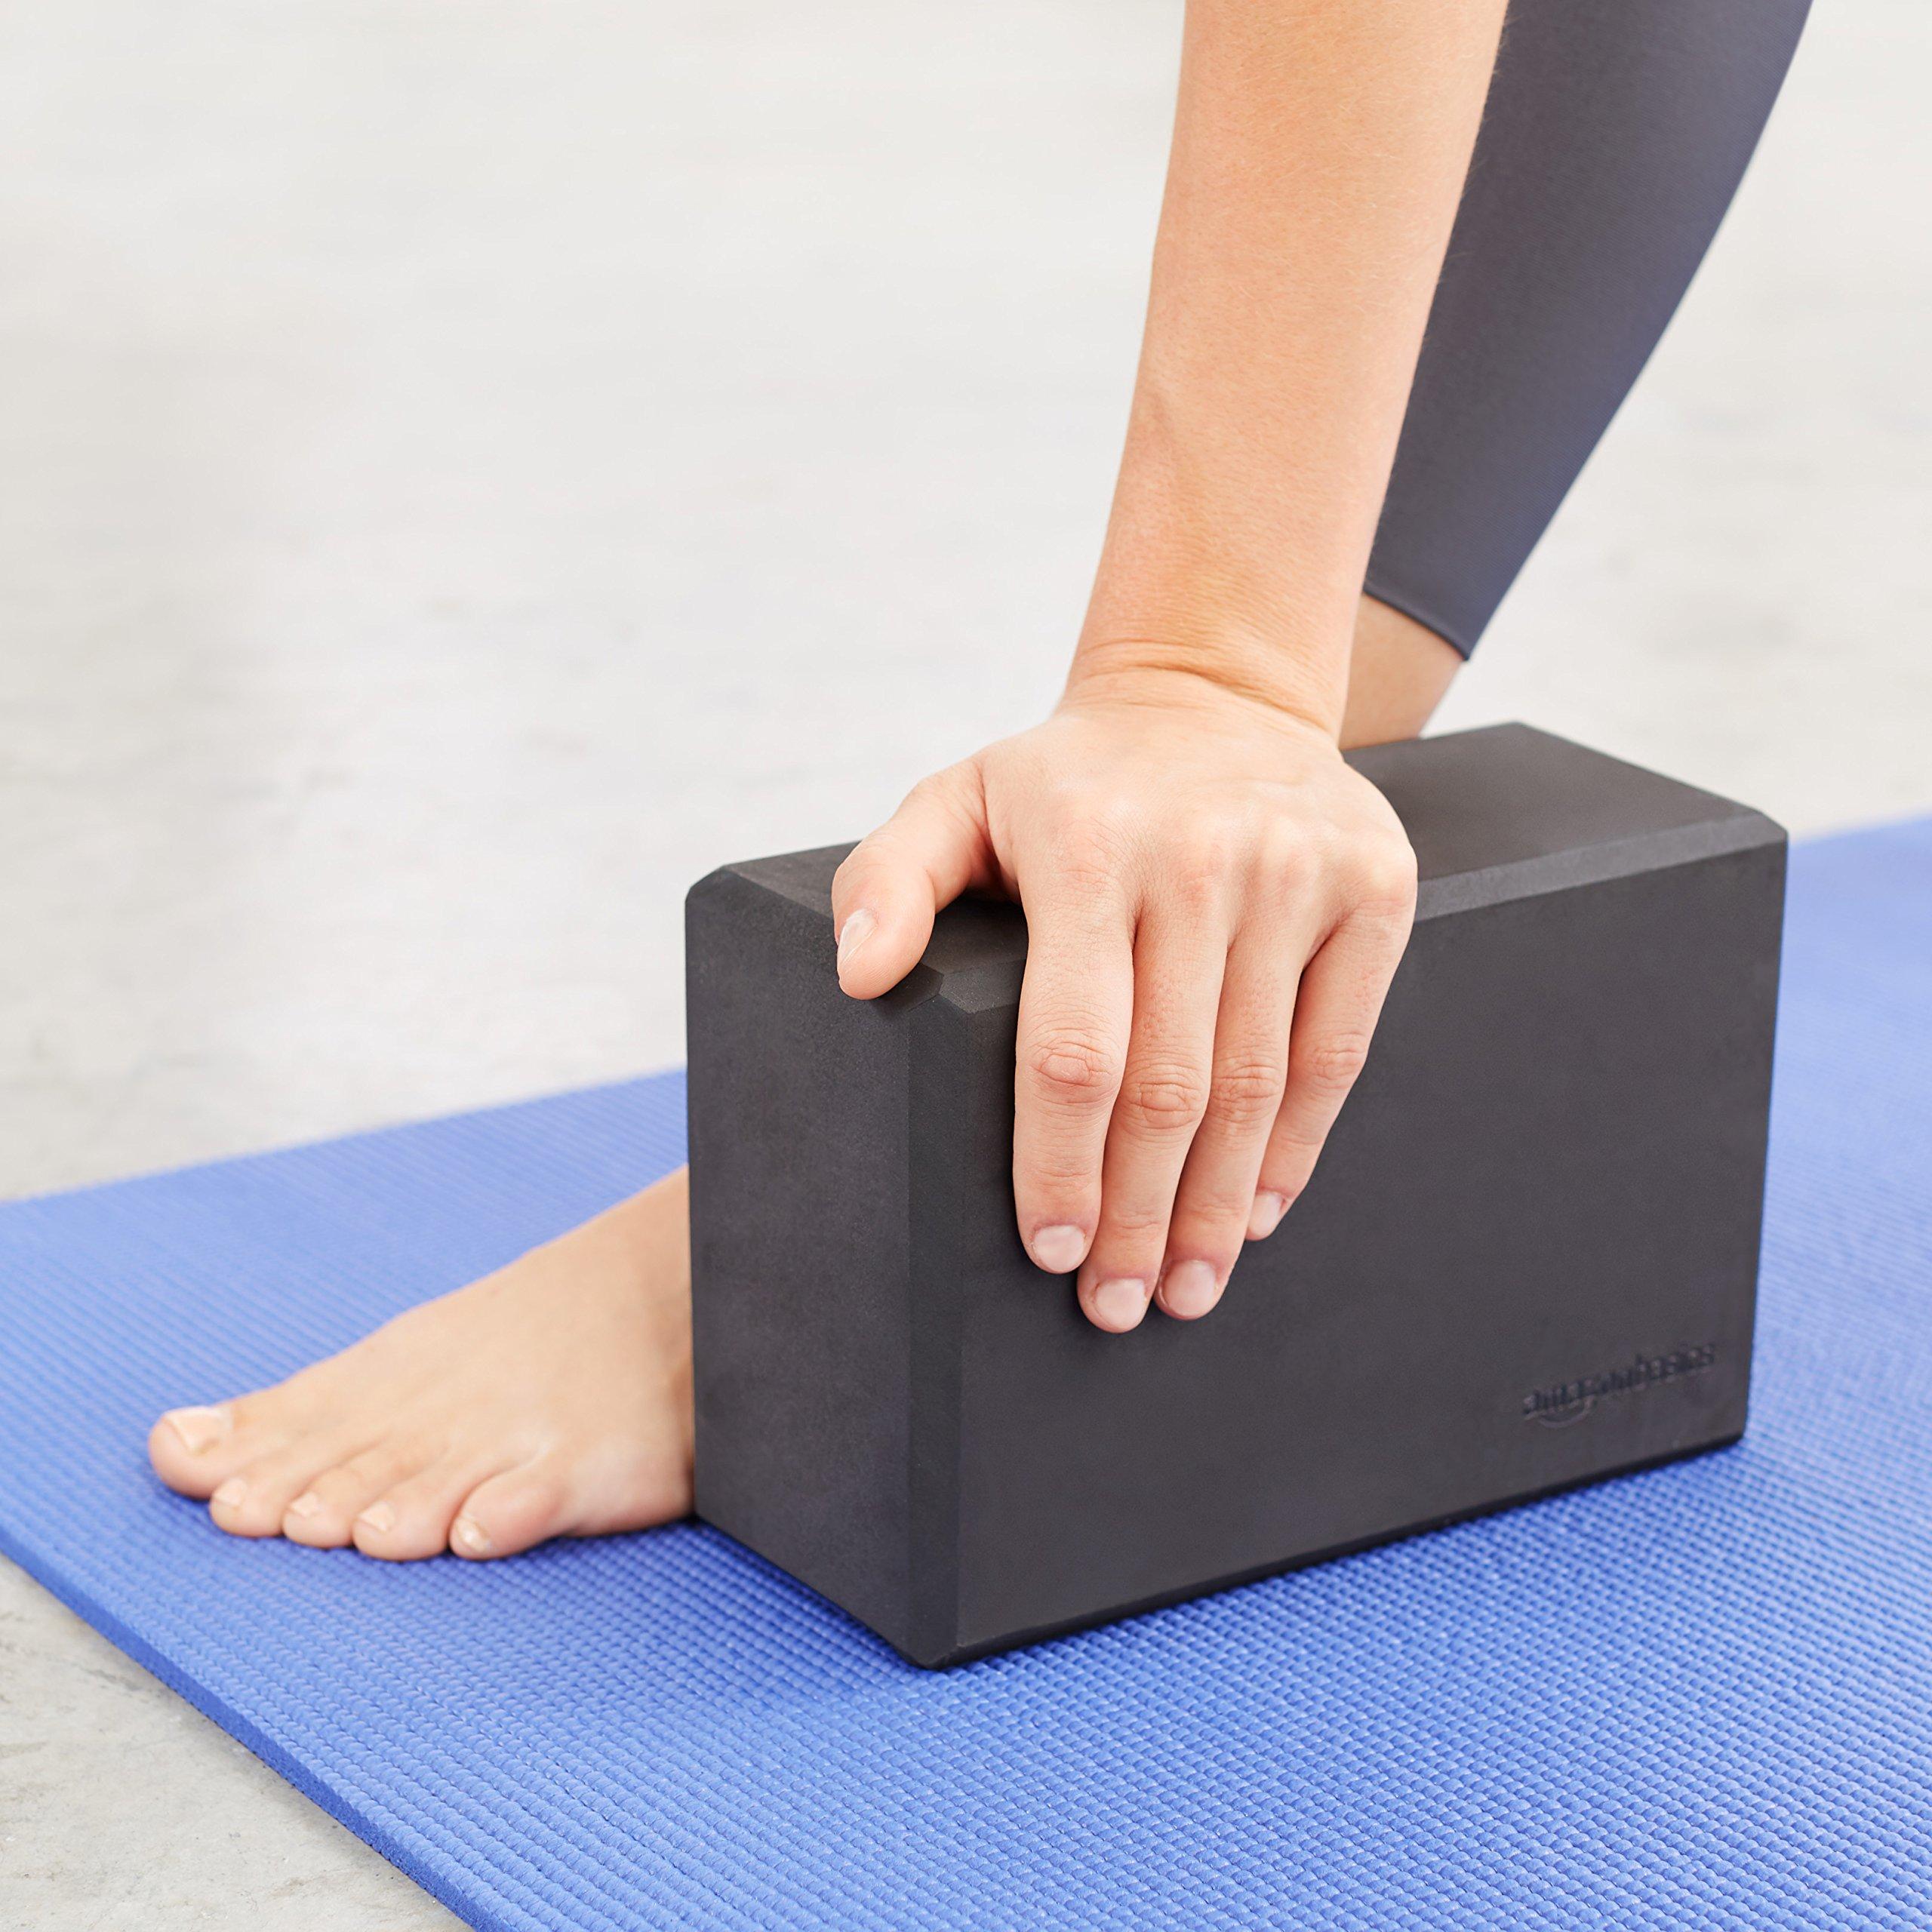 AmazonBasics Foam Yoga Blocks - 4 x 9 x 6 Inches, Set of 2, Black by AmazonBasics (Image #2)